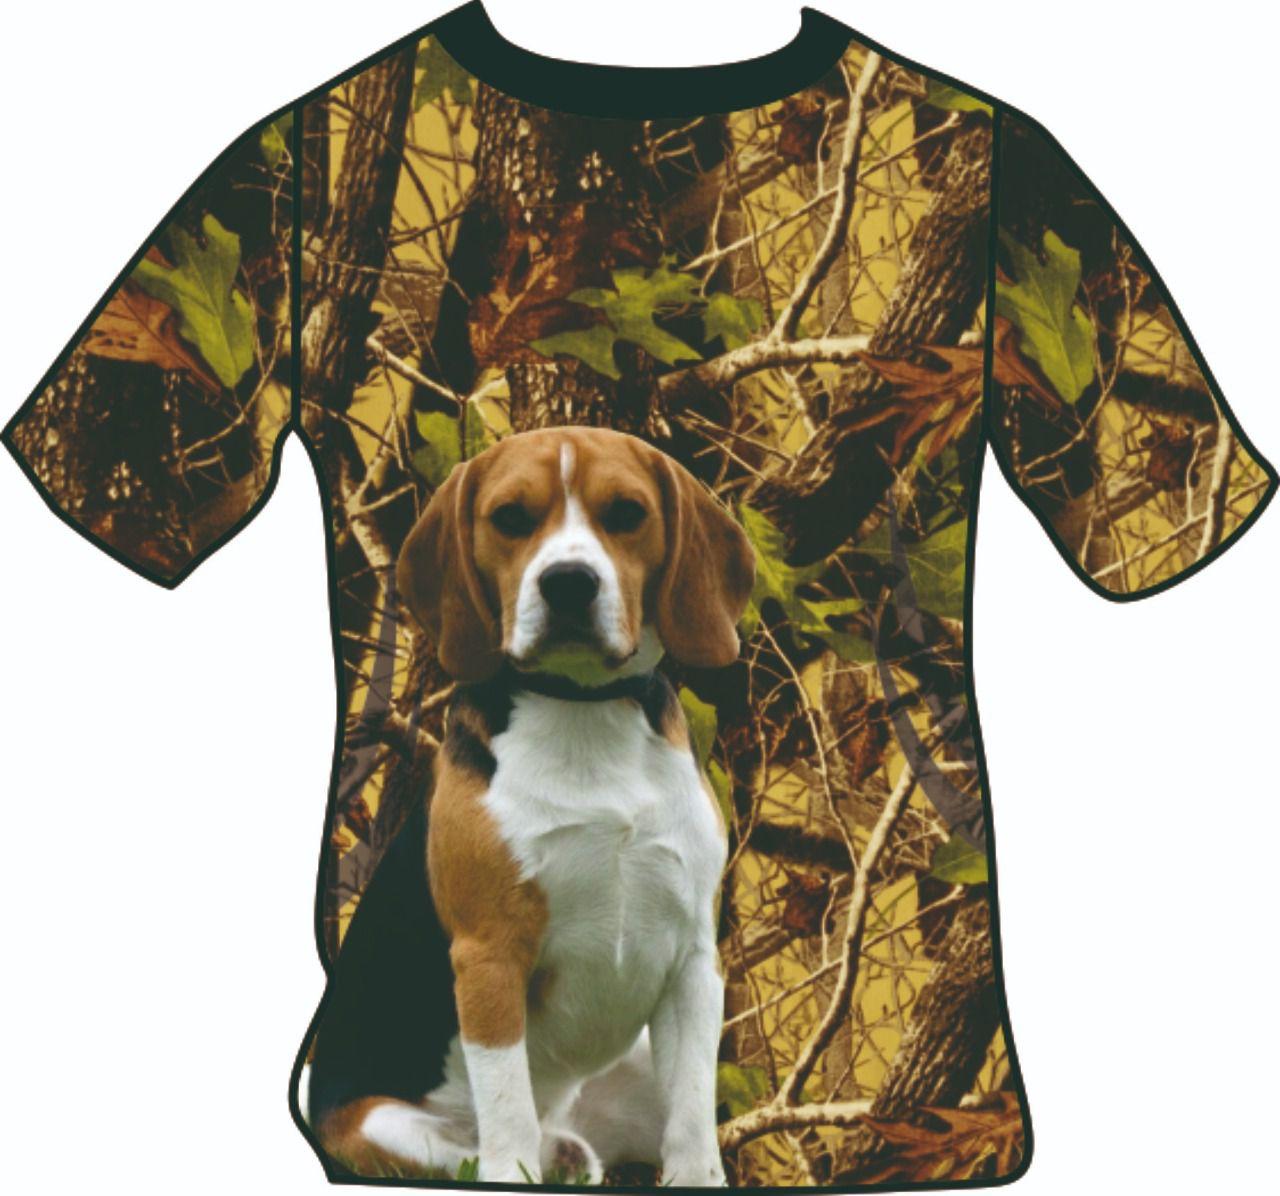 Camiseta manga curta camuflado cachorro infantil